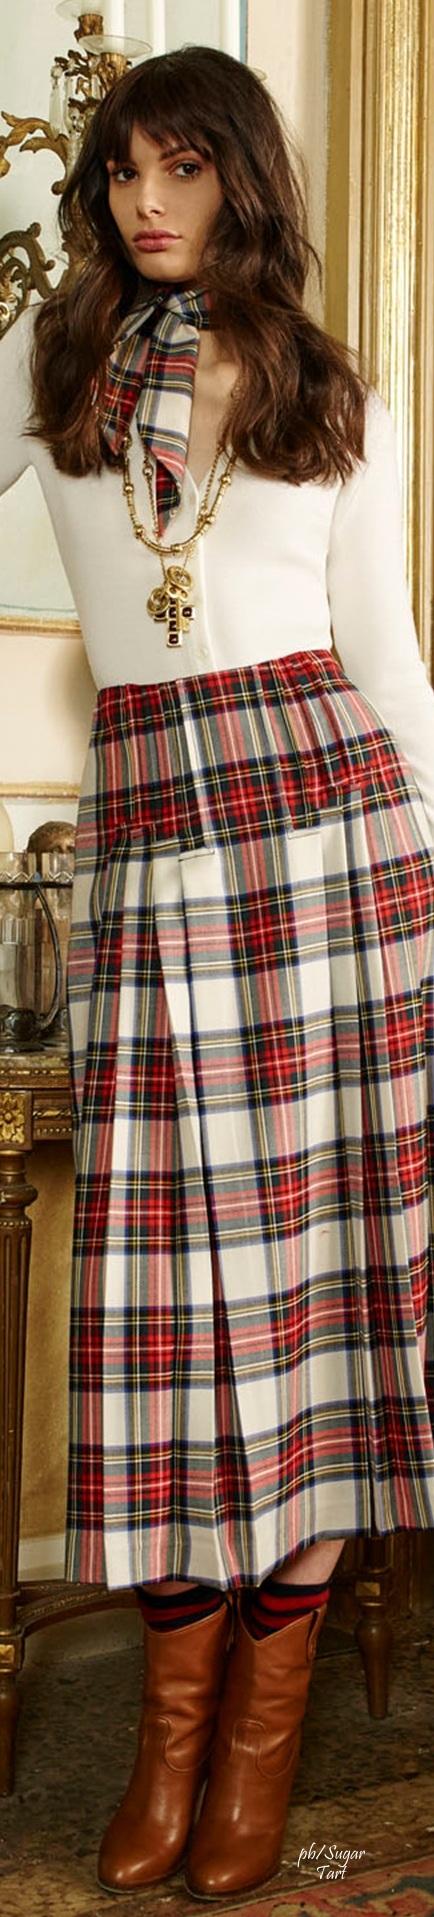 Plaid skirts fetish